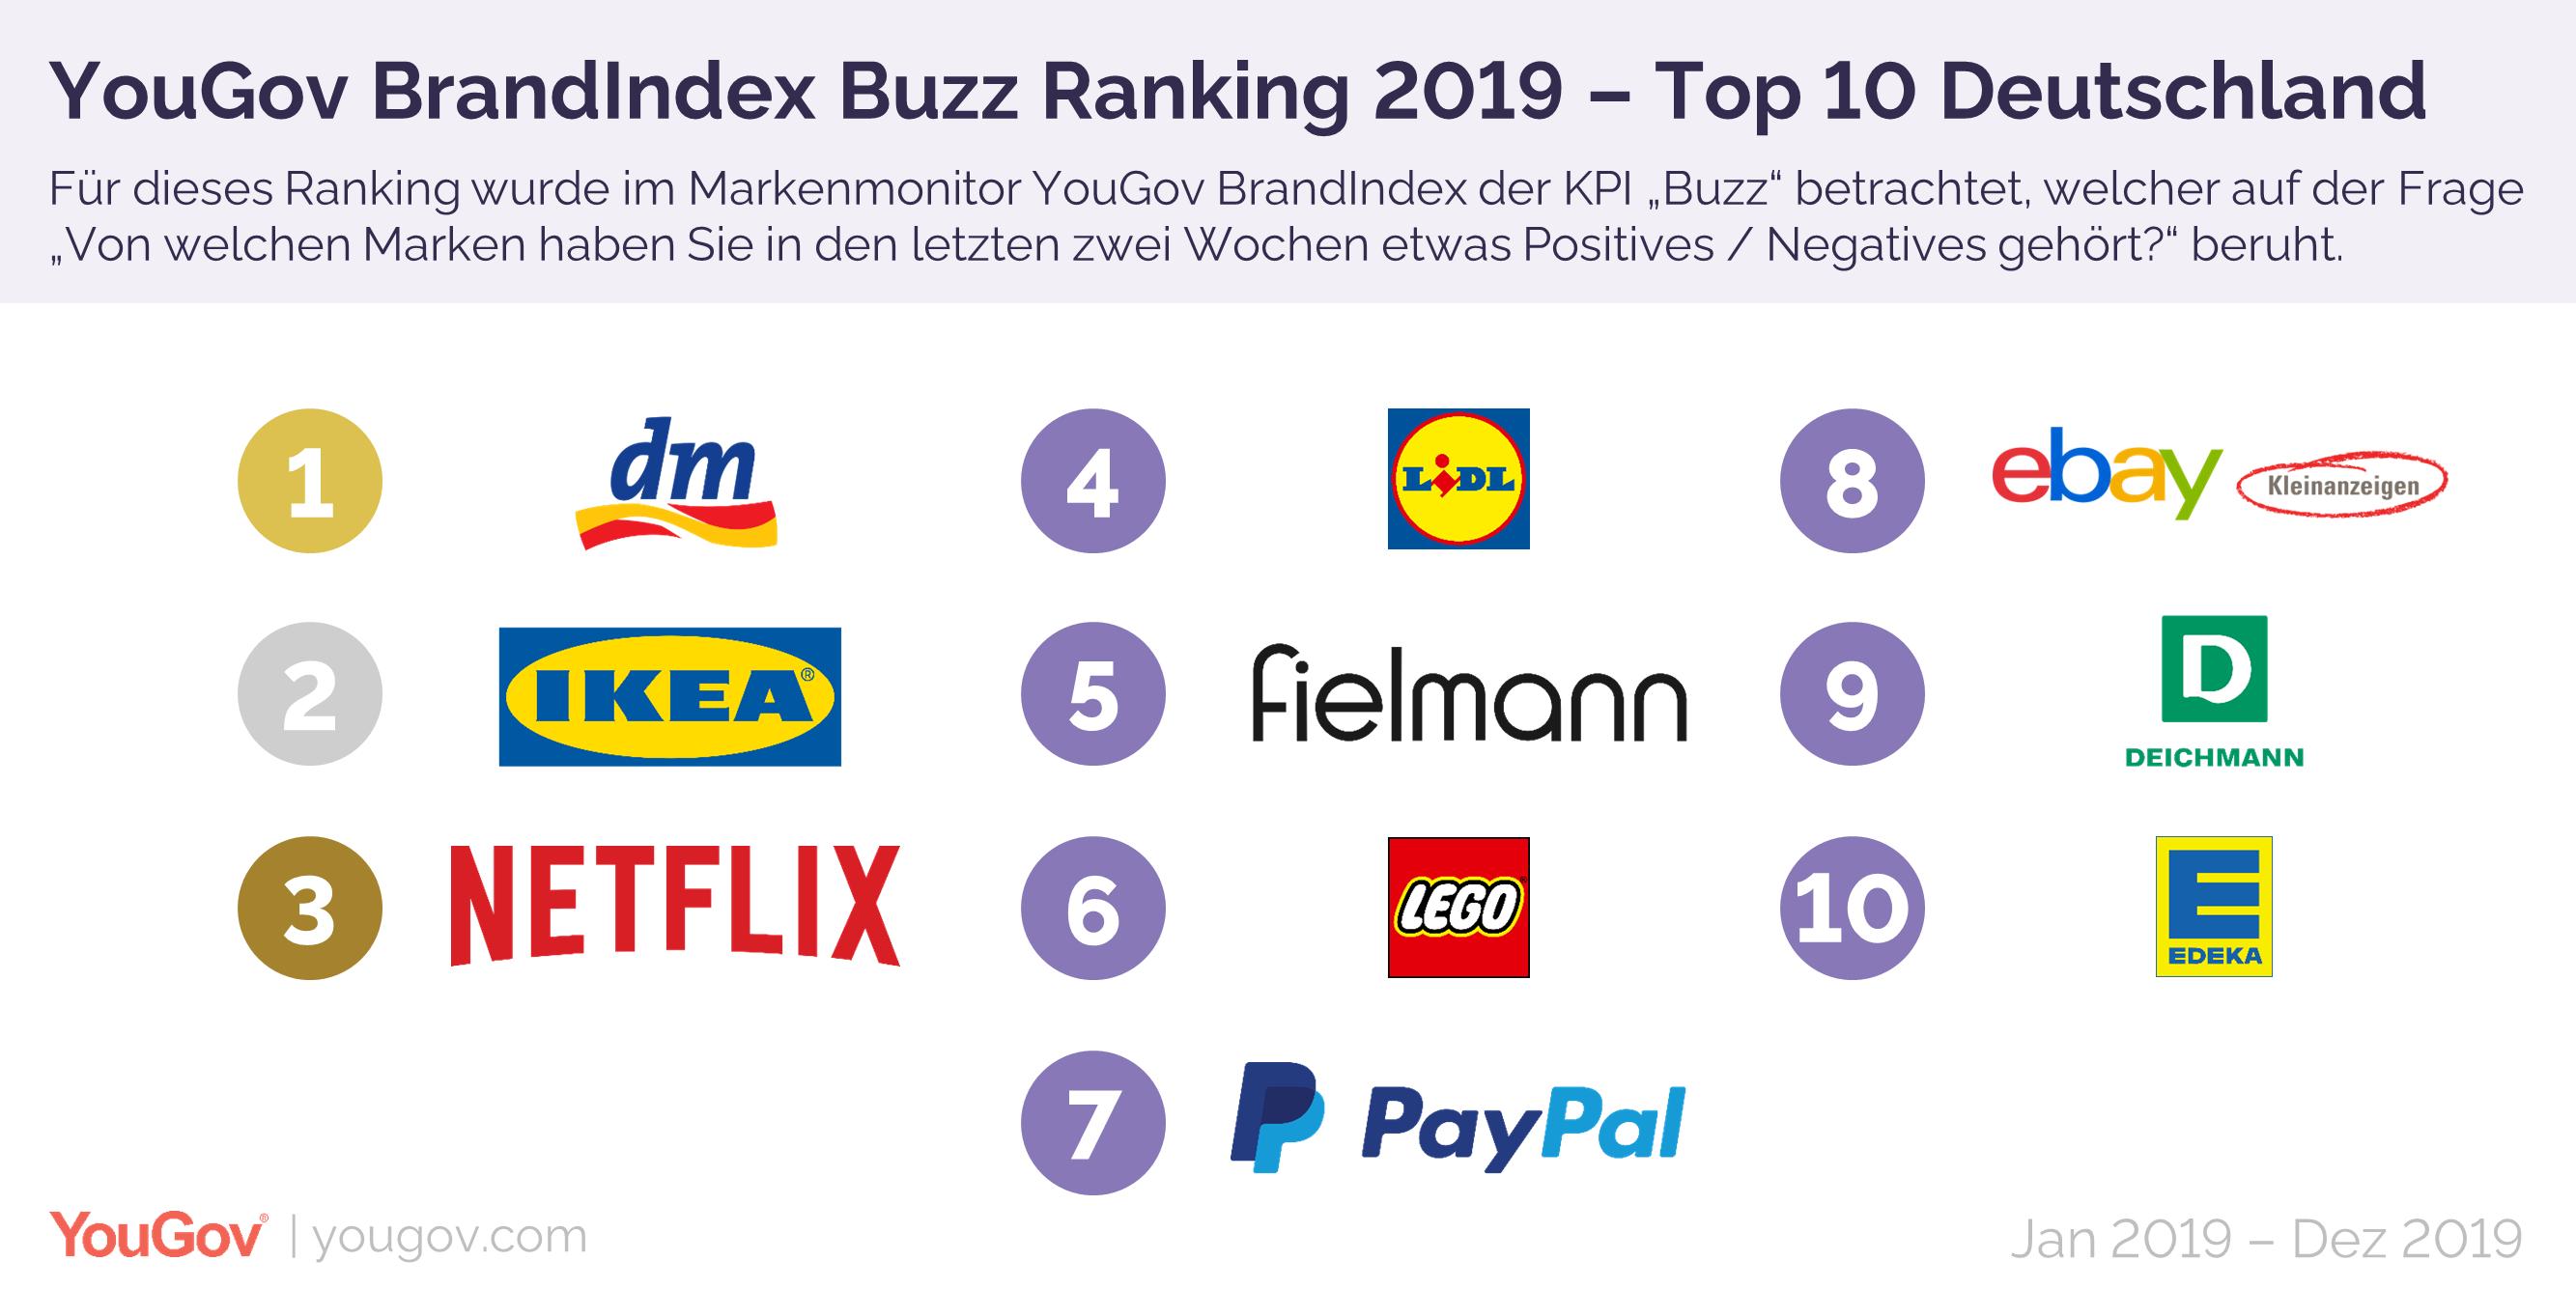 Die Top 10 des Buzz Jahresranking 2019